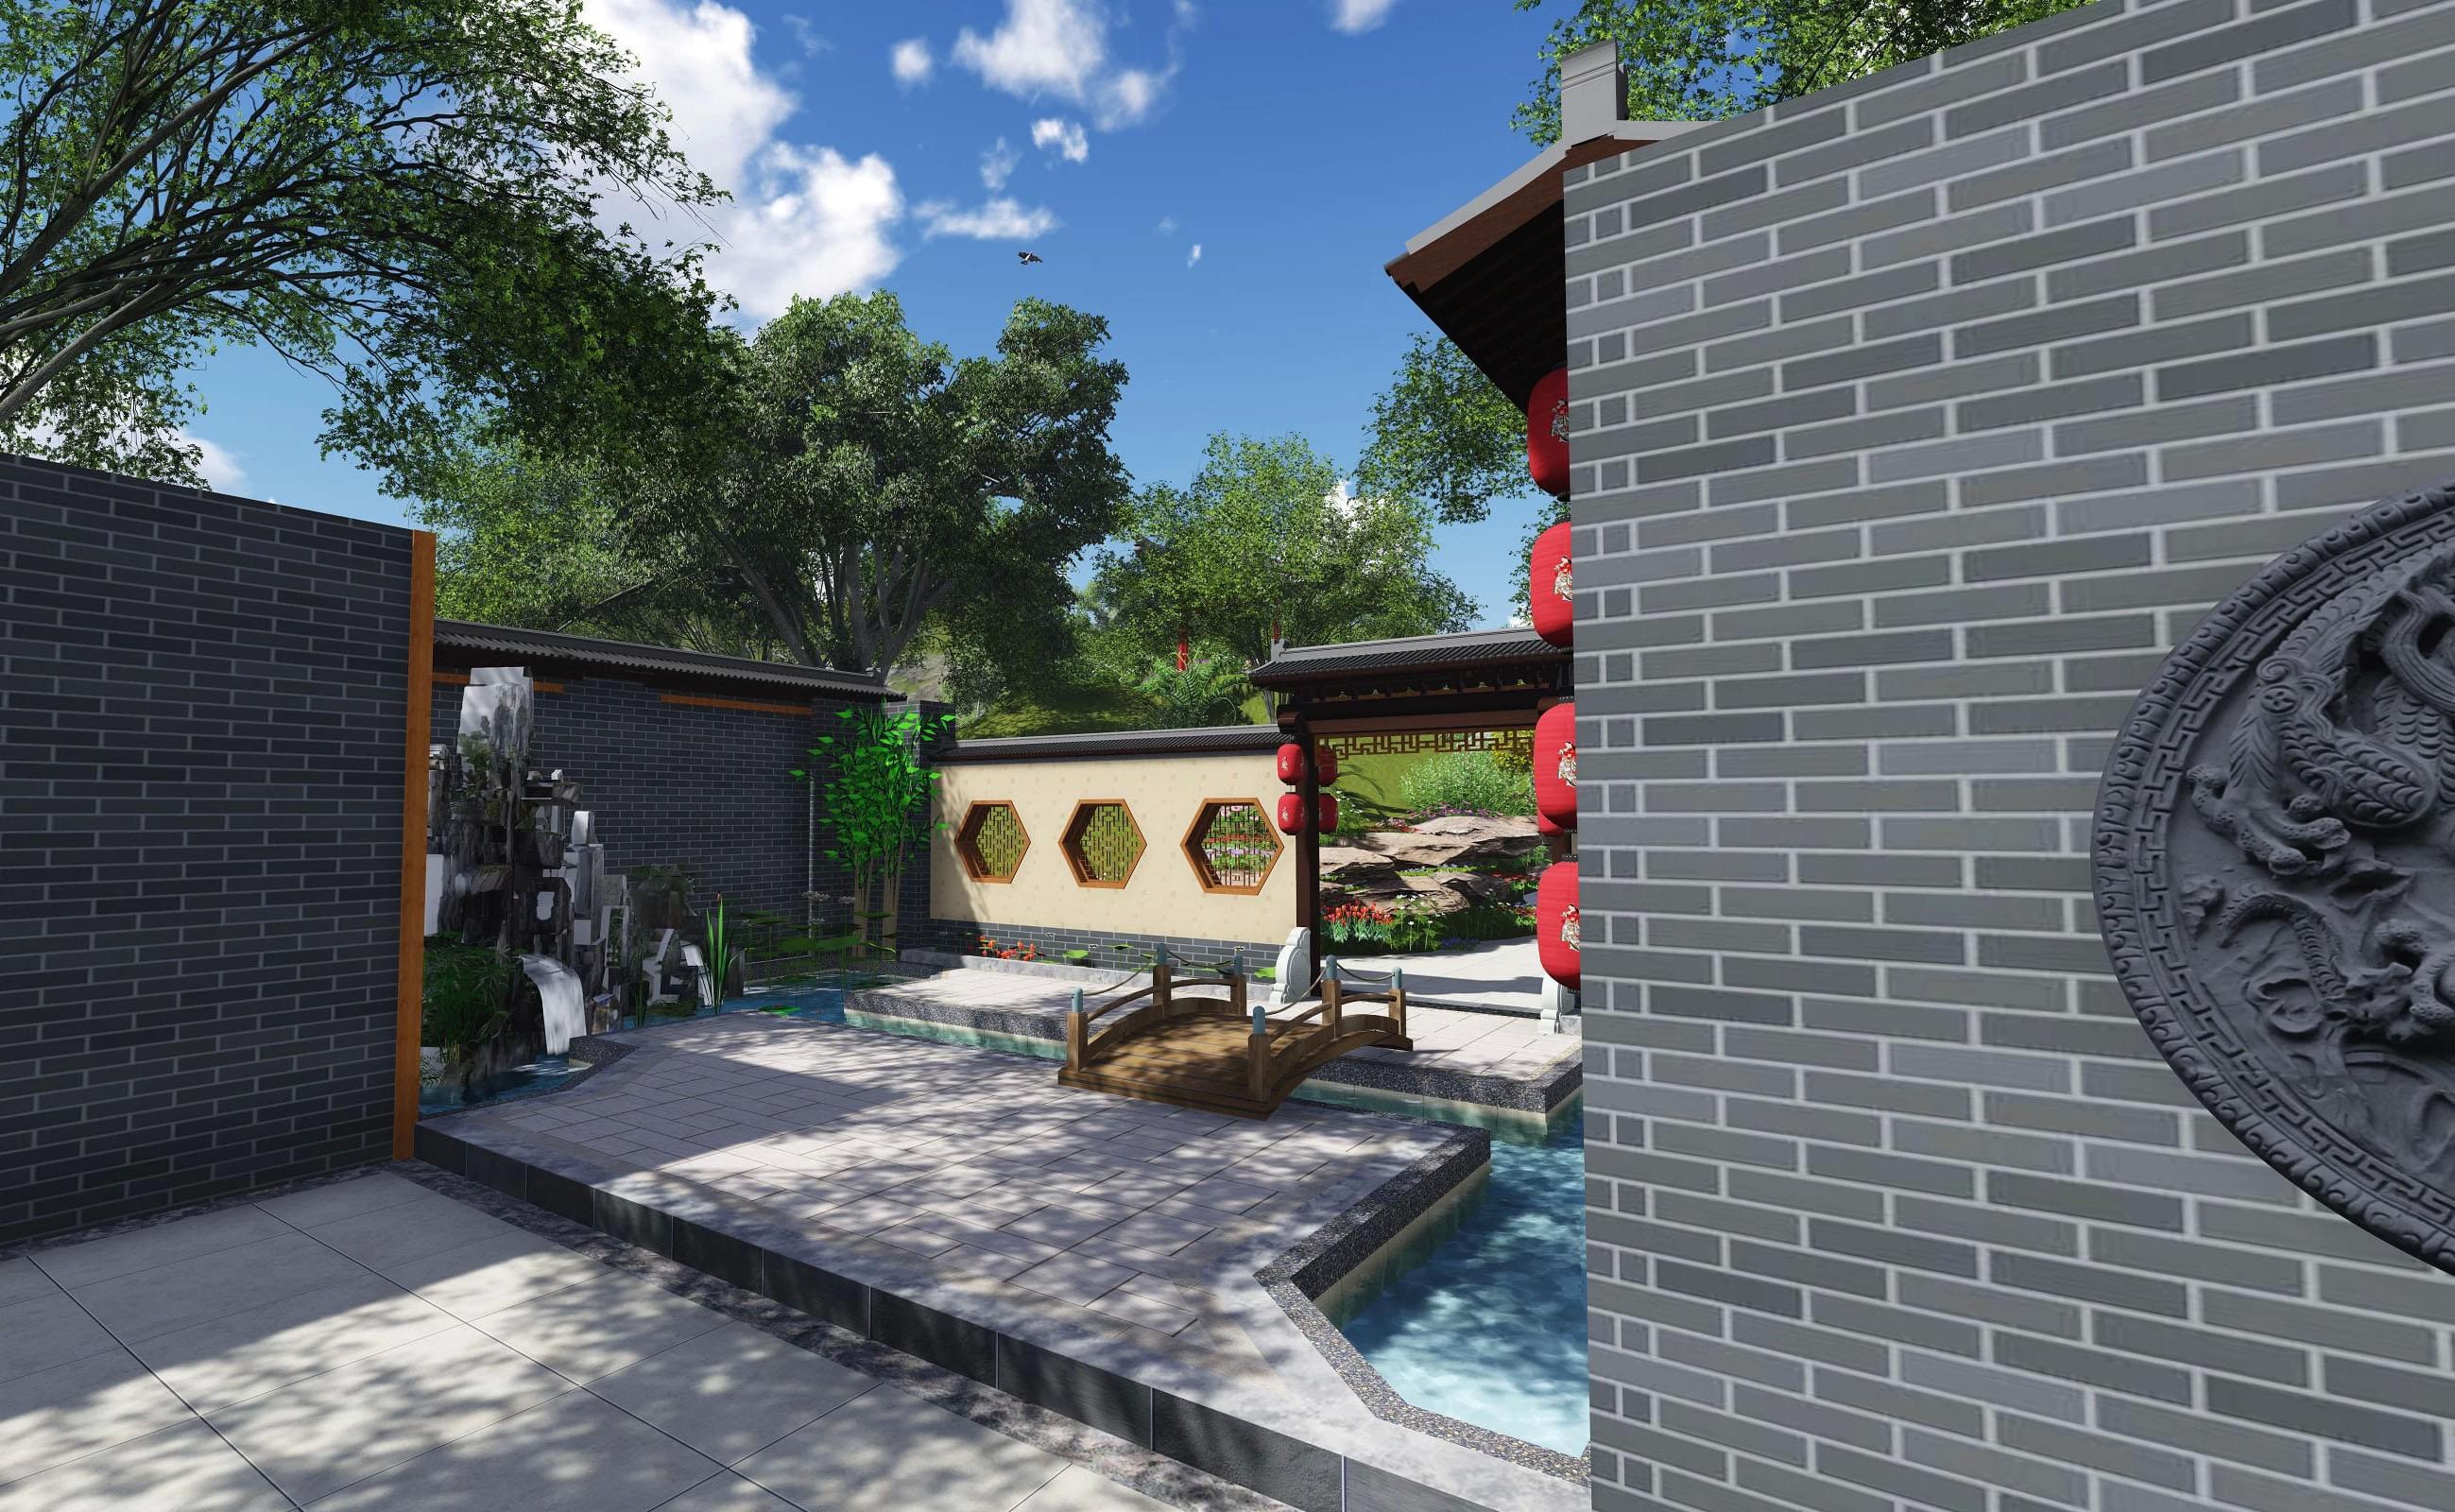 景观设计 园林景观设计 新中式庭院园林景观设计——隐居田园,与自然图片